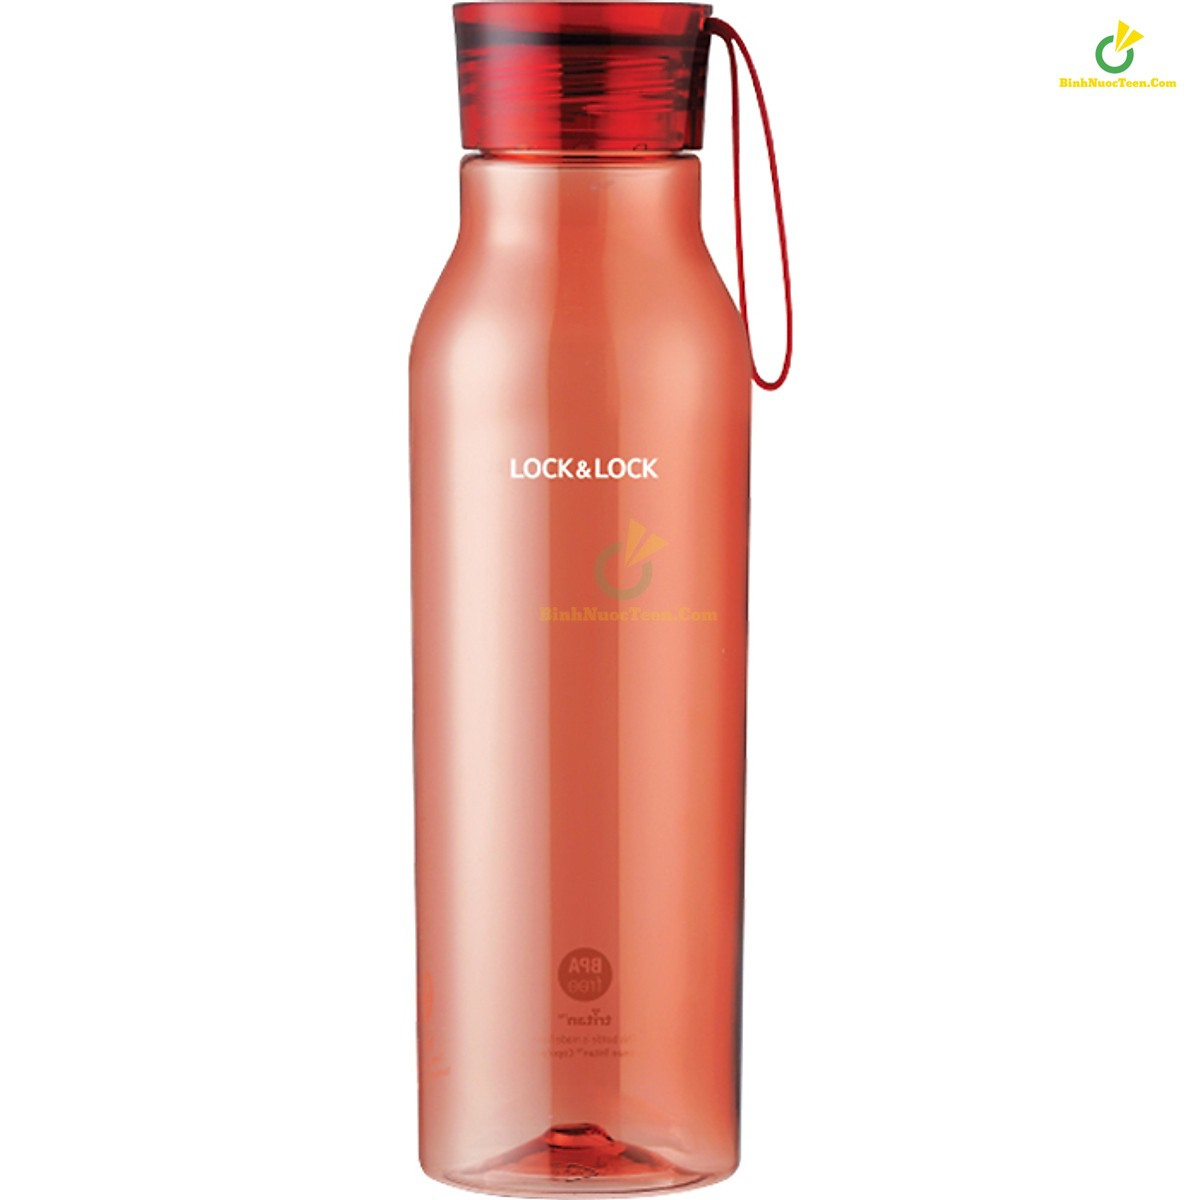 bình nước nhựa tritan lock&lock ABF664 750ml màu đỏ hồng